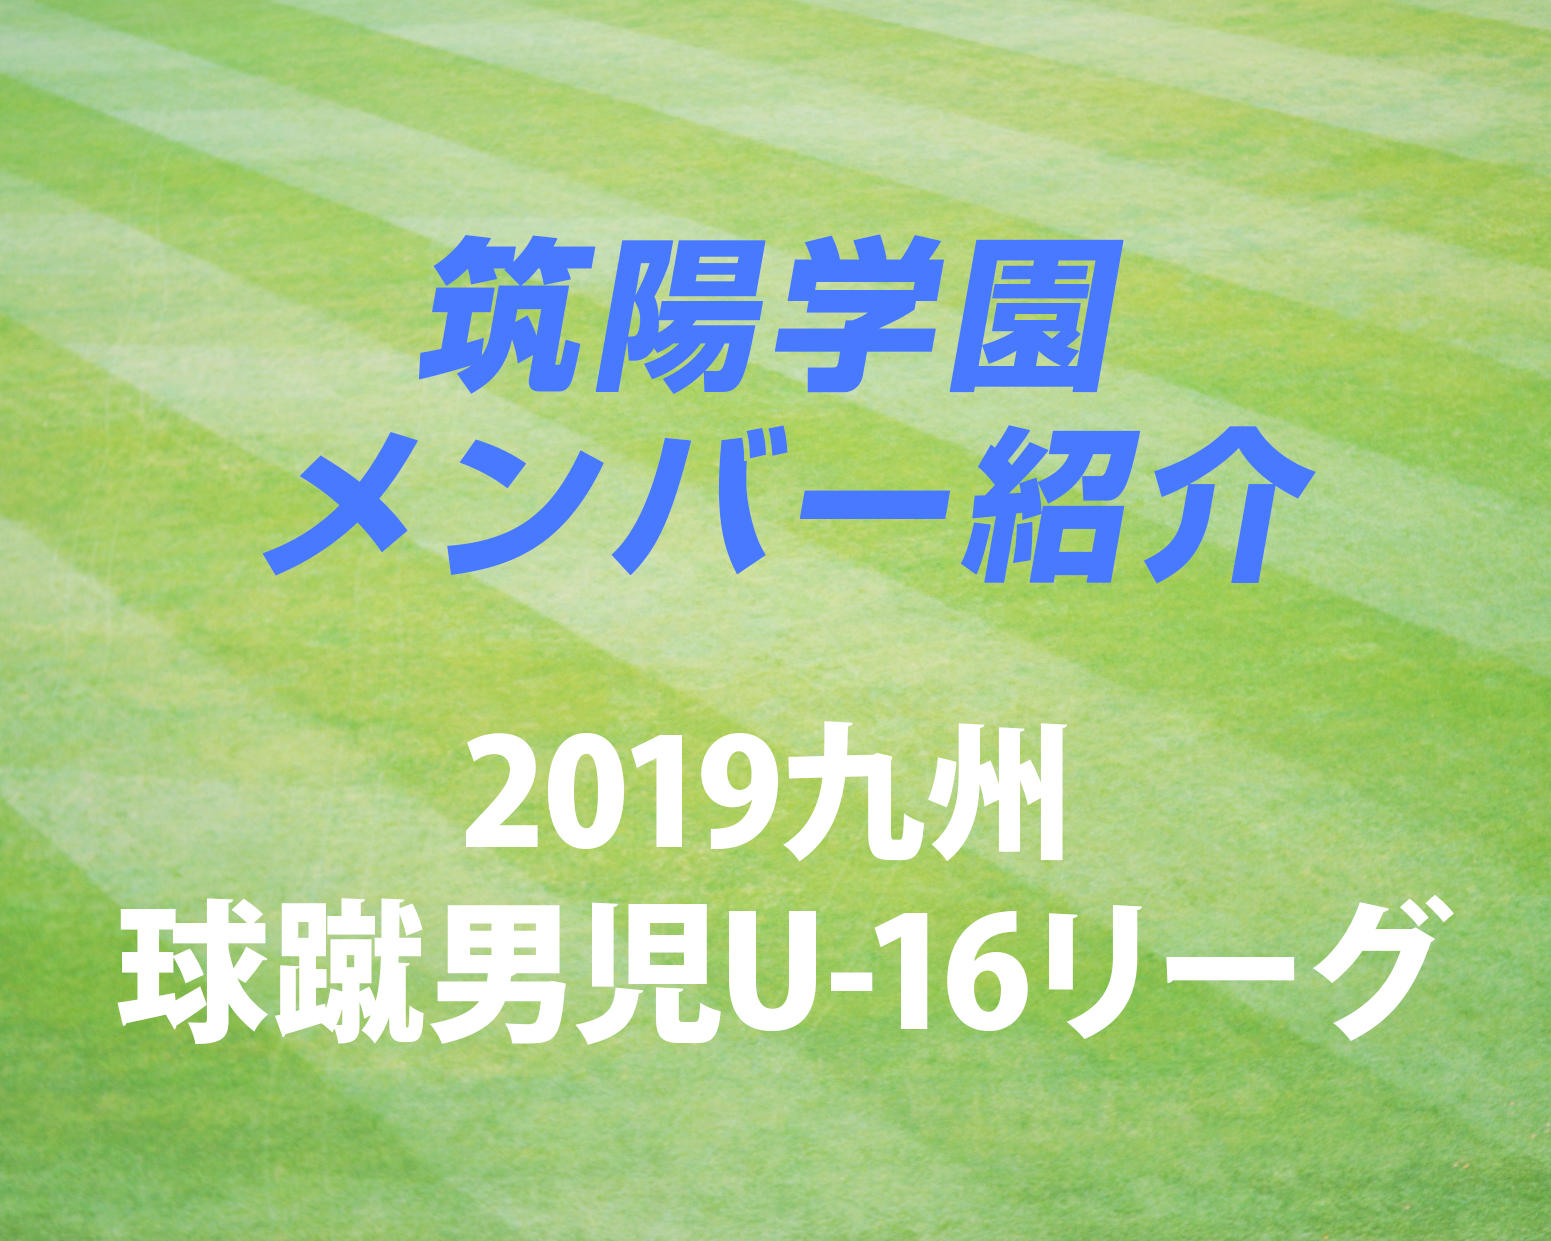 福岡の強豪・筑陽学園高校サッカー部のメンバー紹介!(2019 球蹴男児U-16  D1リーグ)